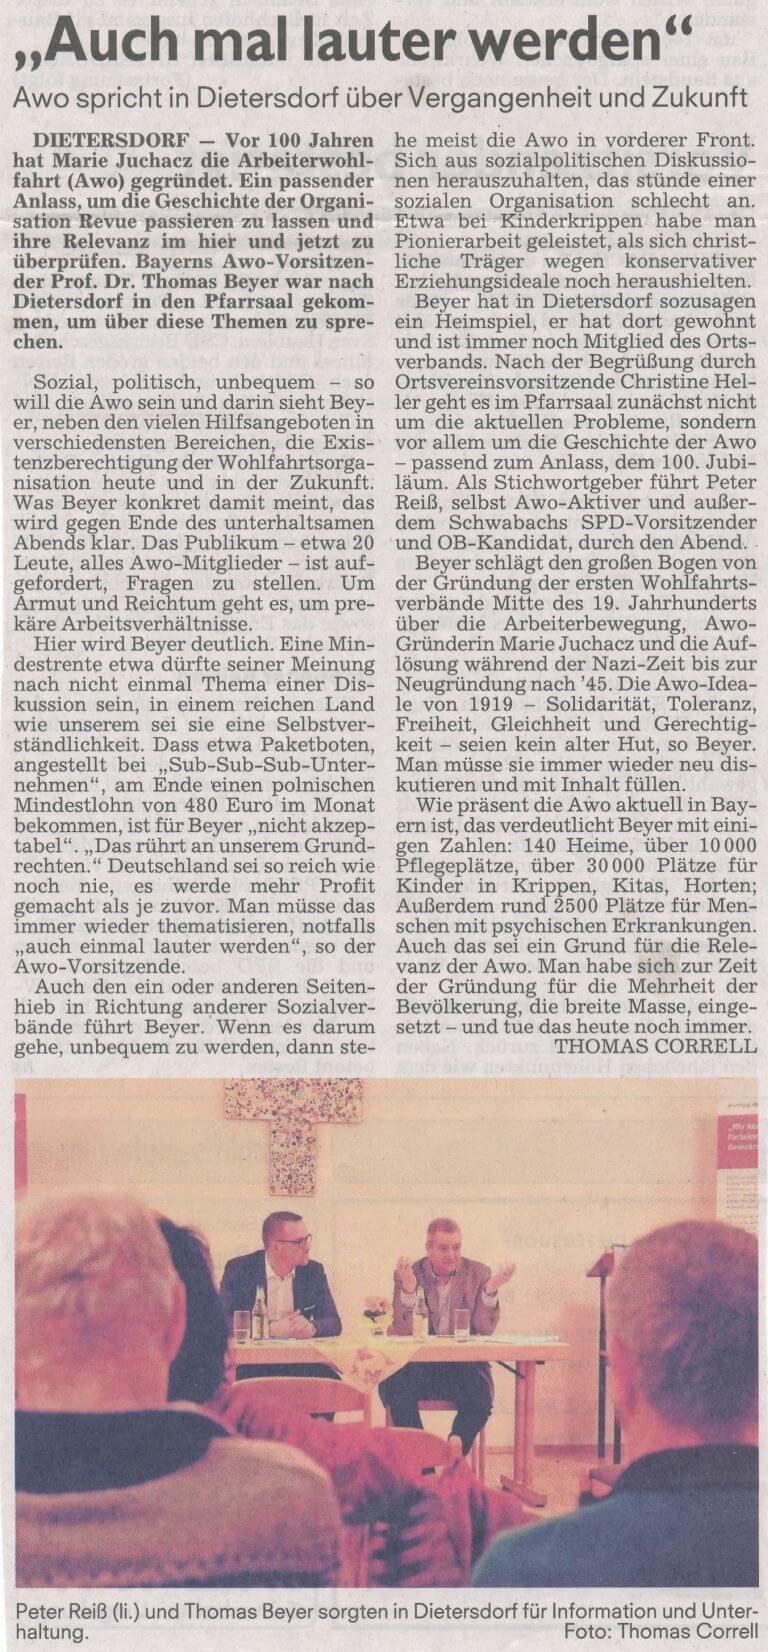 """28.02.2019 - """"Auch mal lauter werden"""" - Schwabacher Tagblatt"""